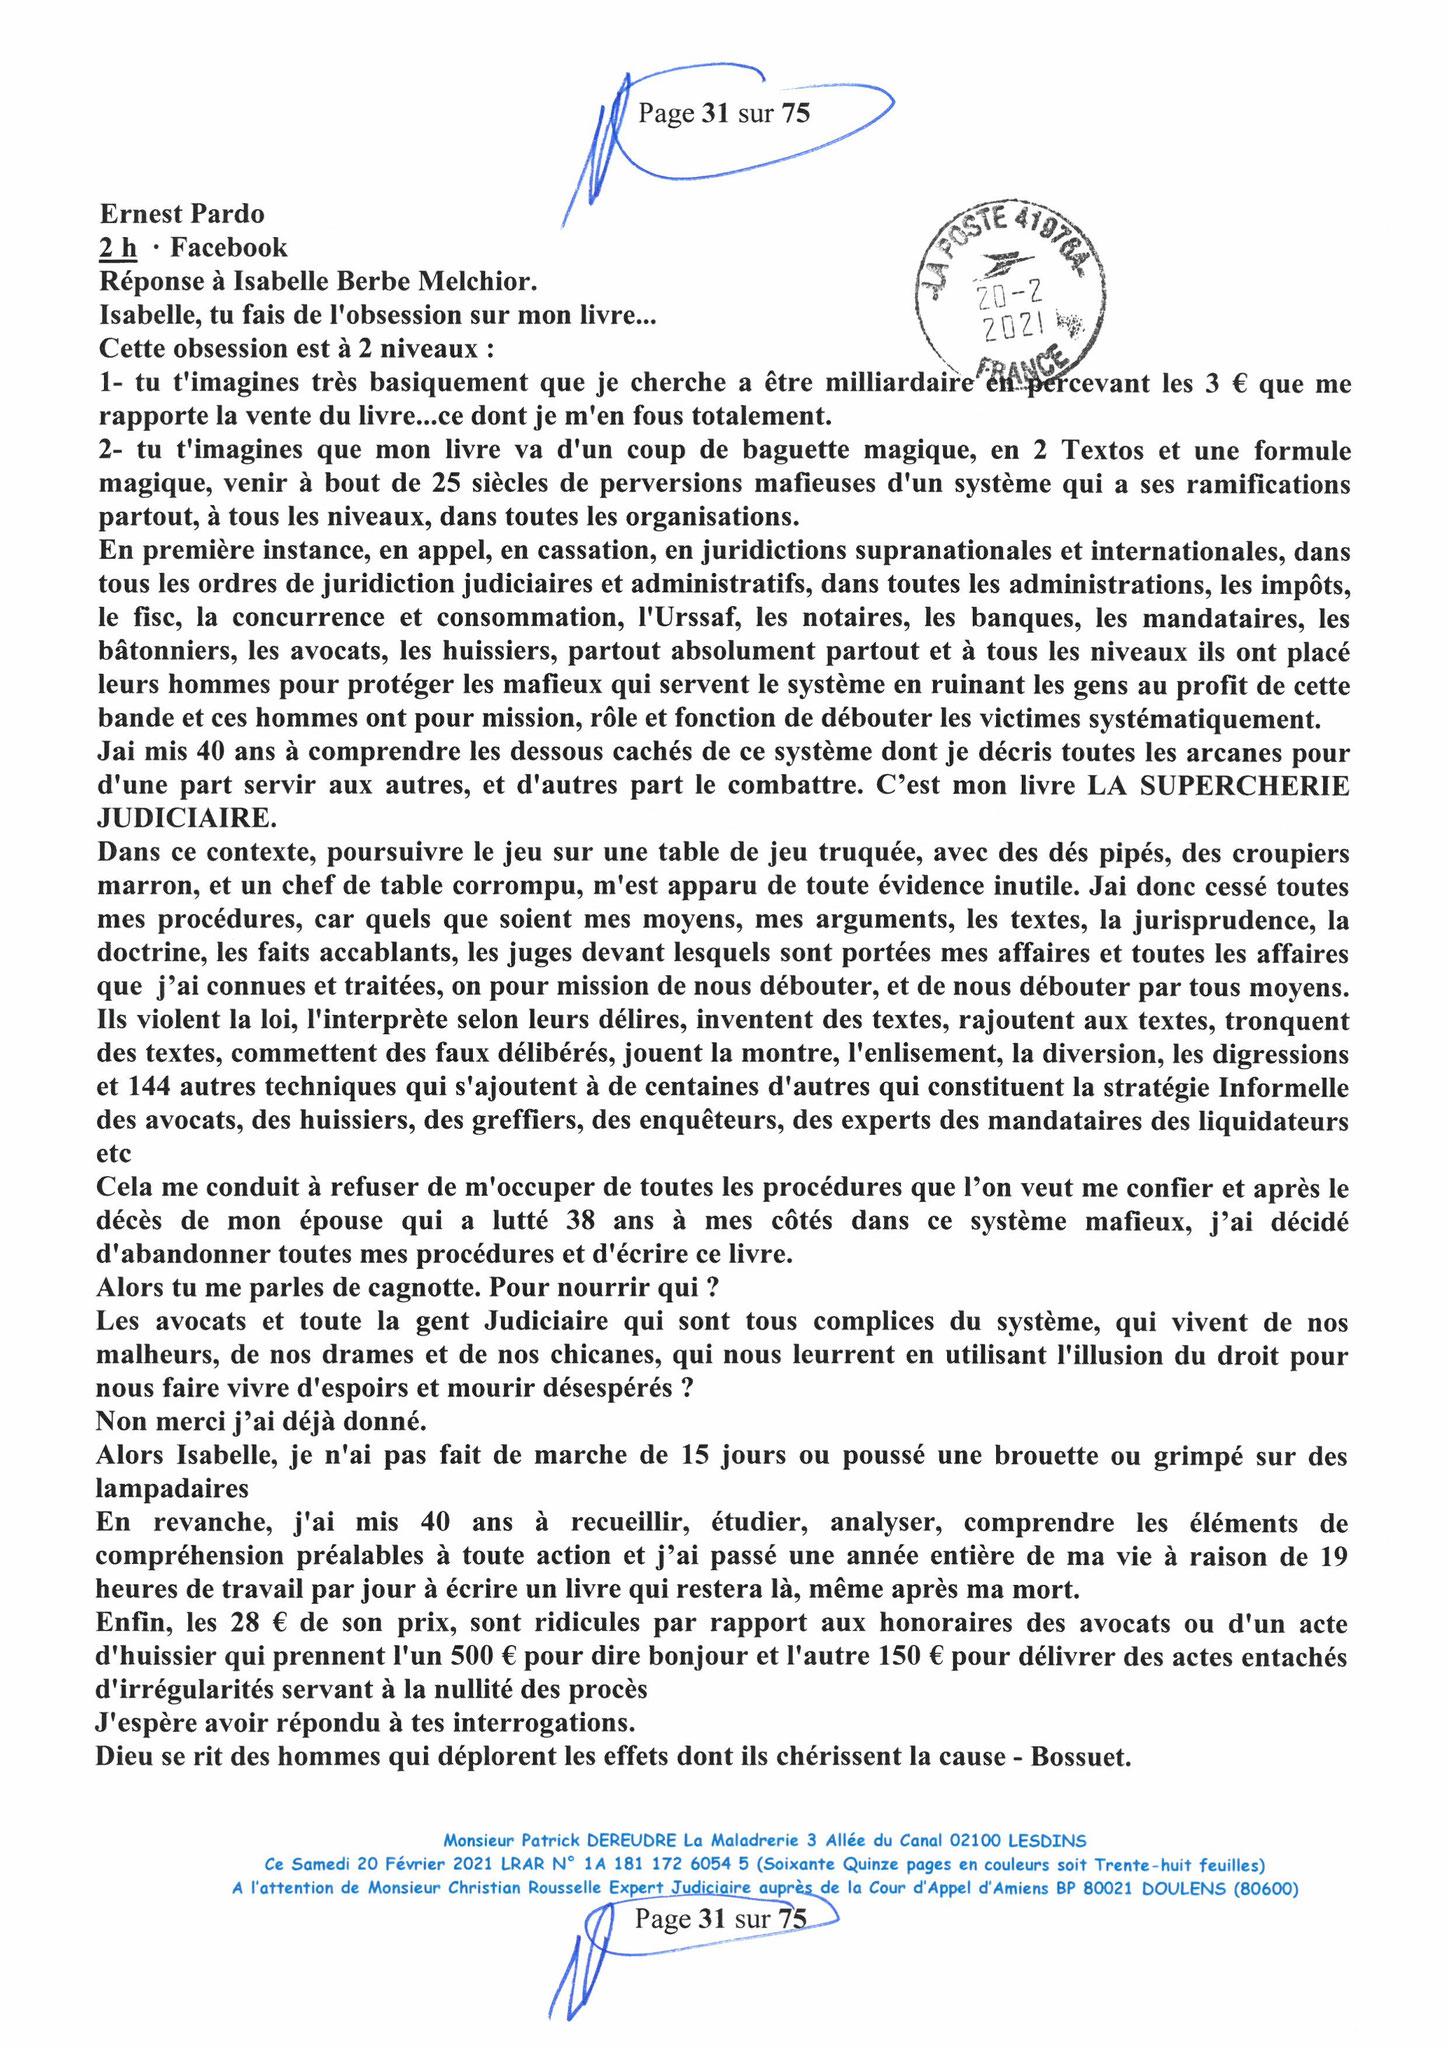 Page 31 Ma  Lettre Recommandée à Monsieur Christian ROUSSELLE Expert Judiciaire auprès de la Cour d'Appel d'Amiens Affaire MES CHERS VOISINS nos  www.jenesuispasunchien.fr www.jesuisvictime.fr www.jesuispatrick.fr PARJURE & CORRUPTION JUSTICE REPUBLIQUE